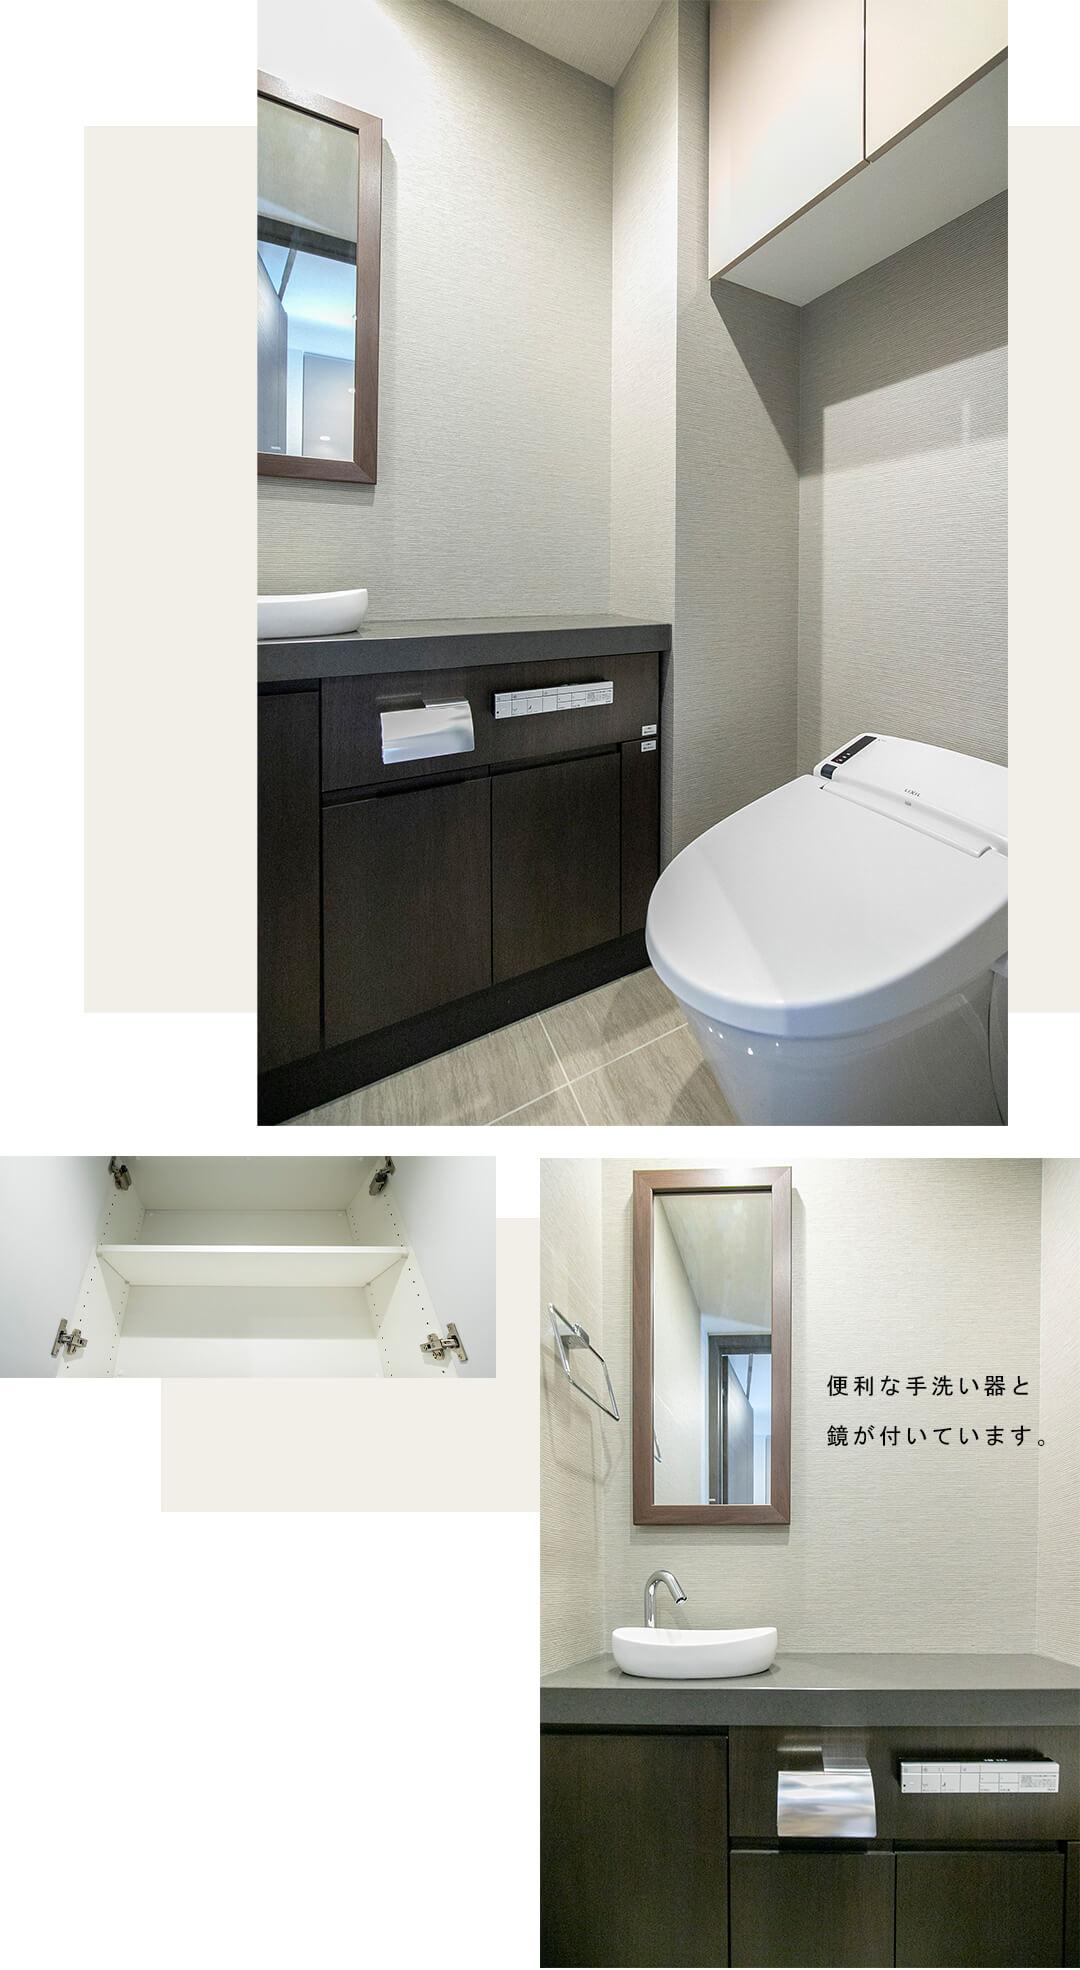 THE 千代田麹町 TOWERのとトイレ